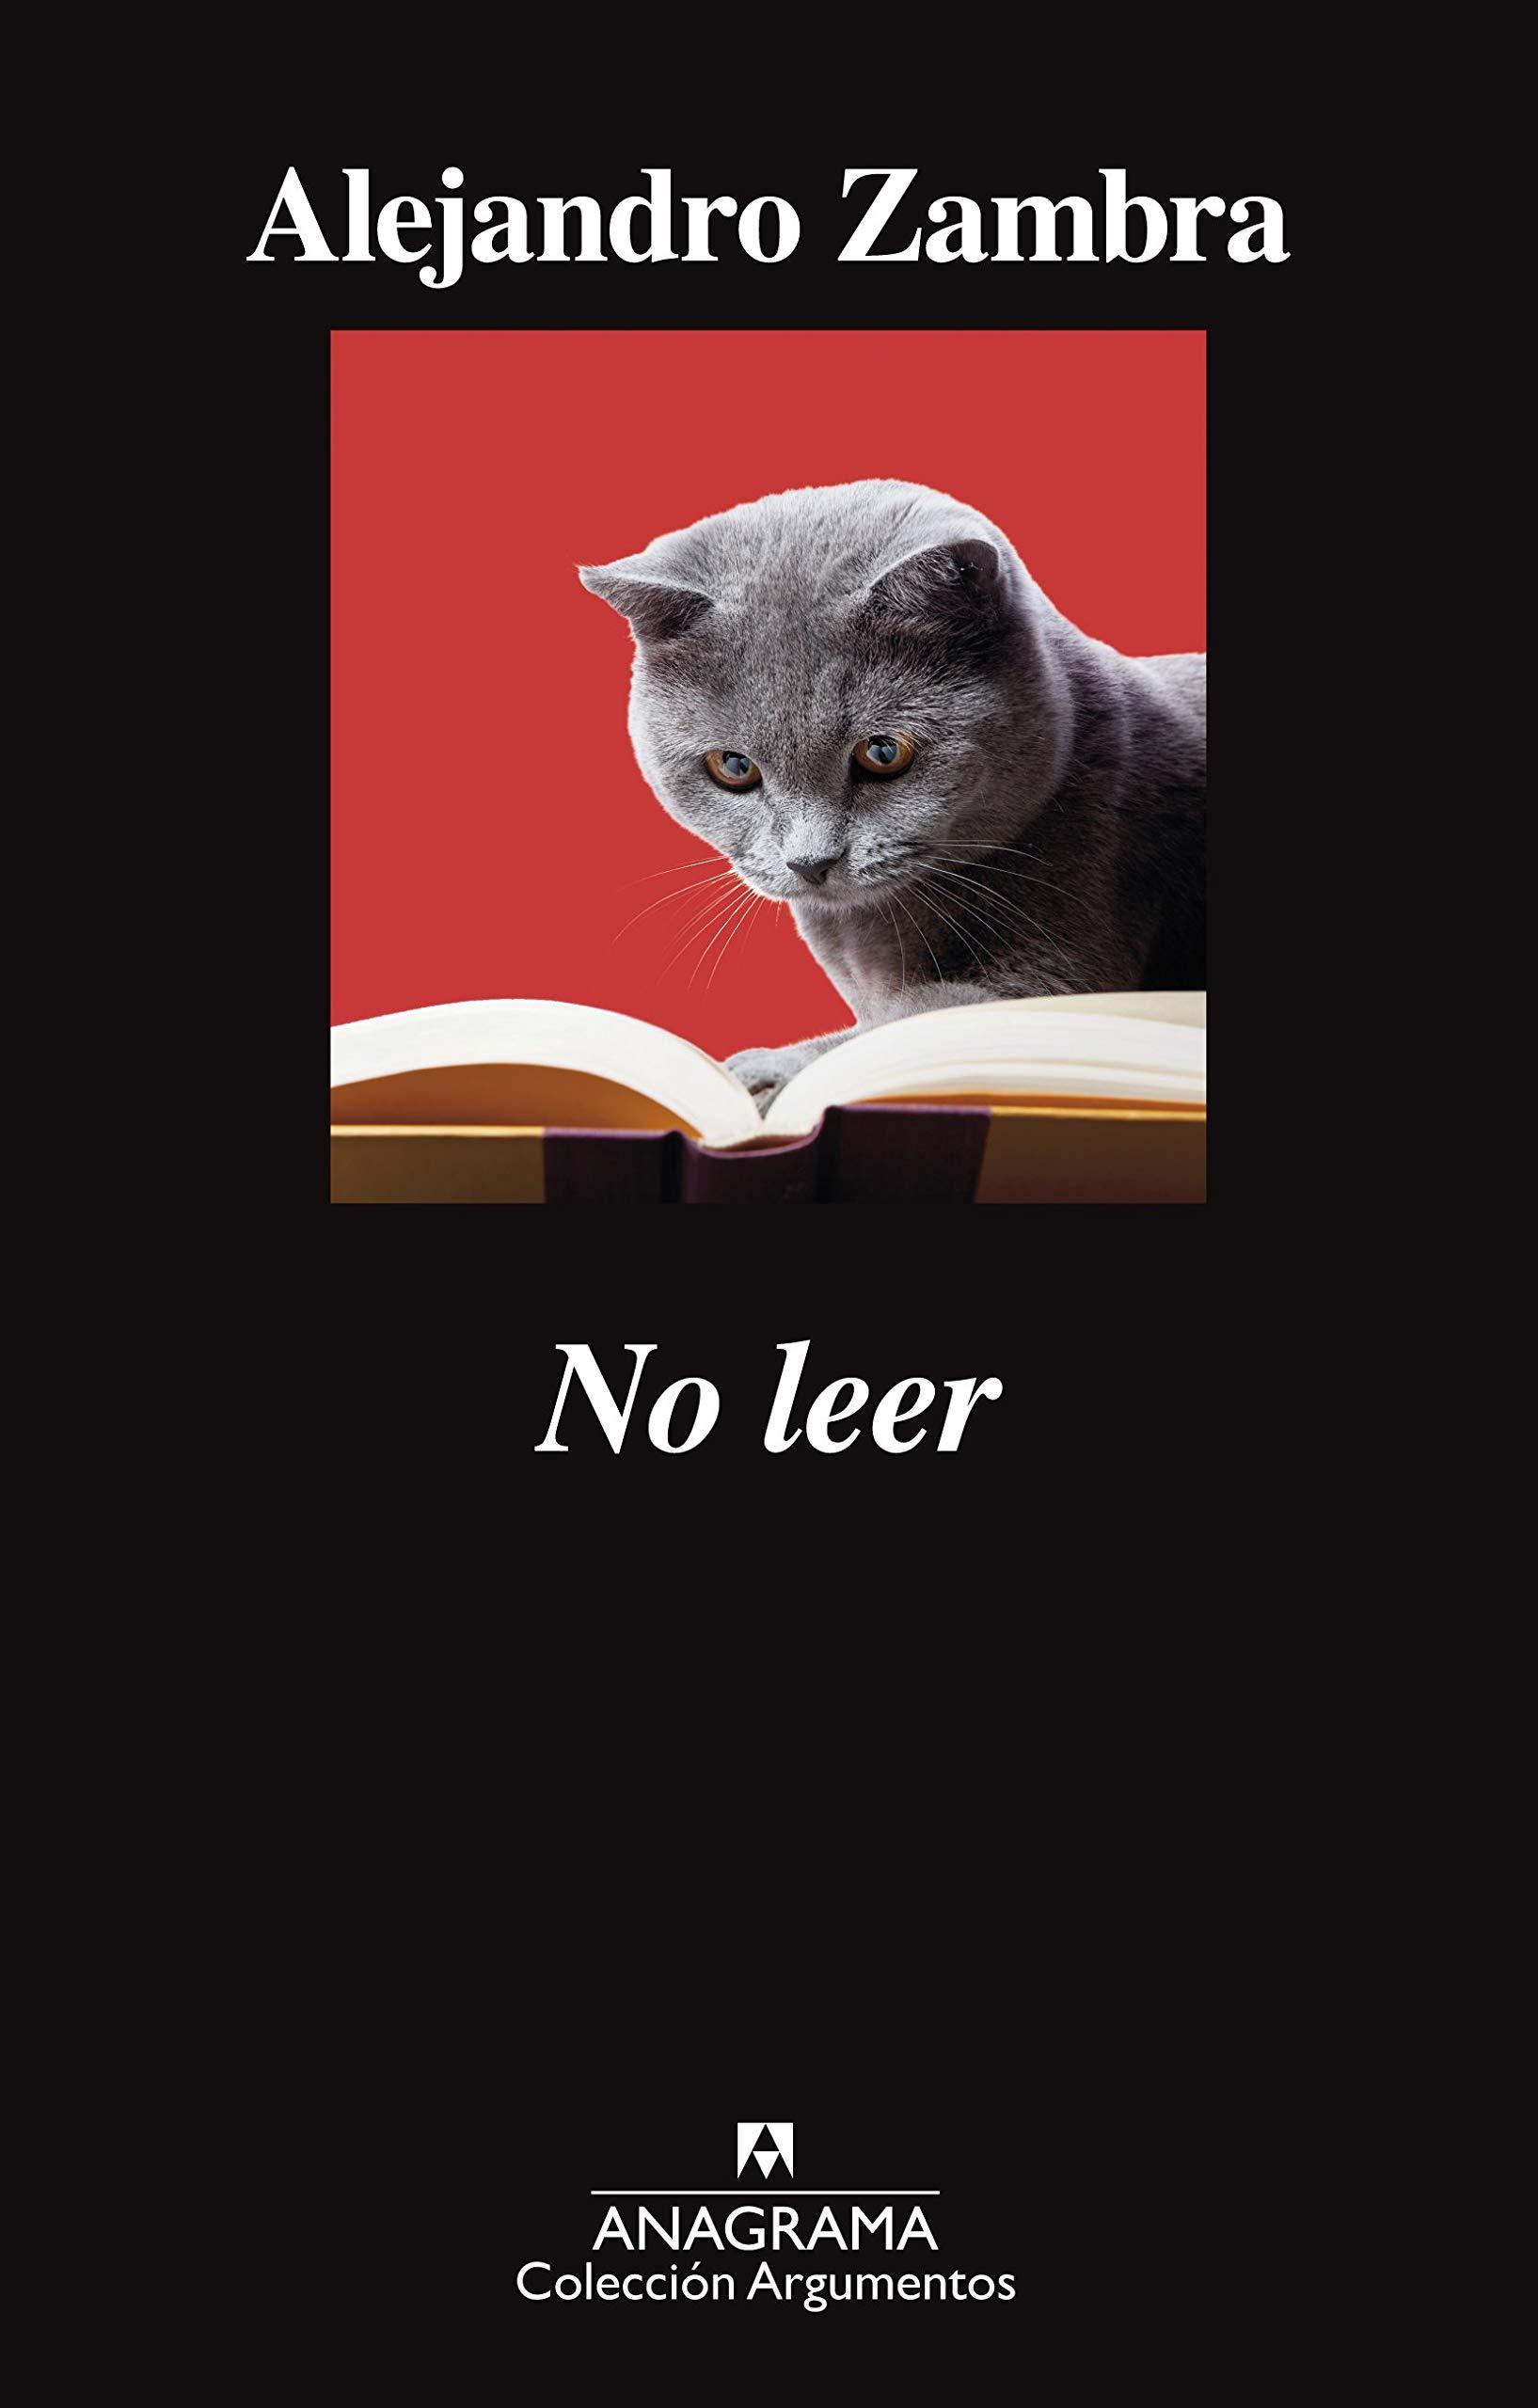 No leer, de Alejandro Zambra. Los mejores libros de 2012